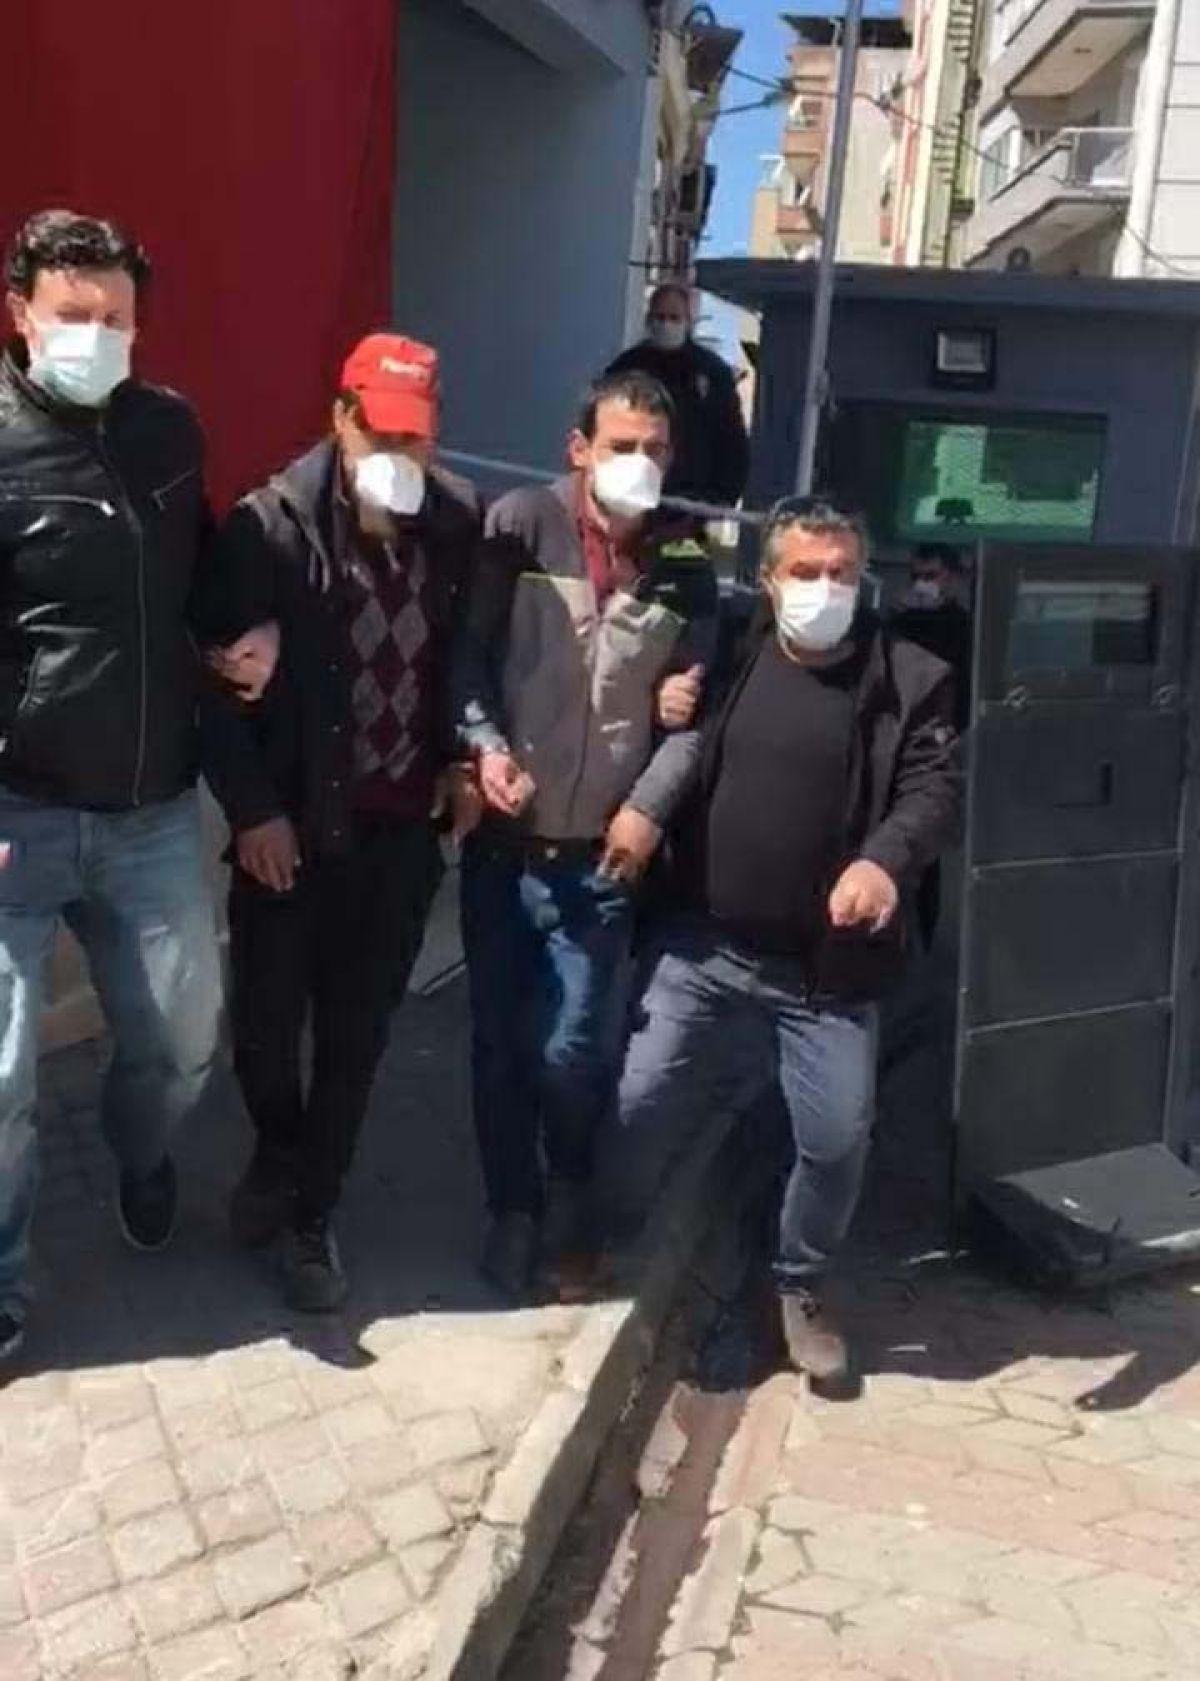 Aydın da, TCDD'ye ait sinyalizasyon kablolarını çalan 6 kişi yakalandı #3